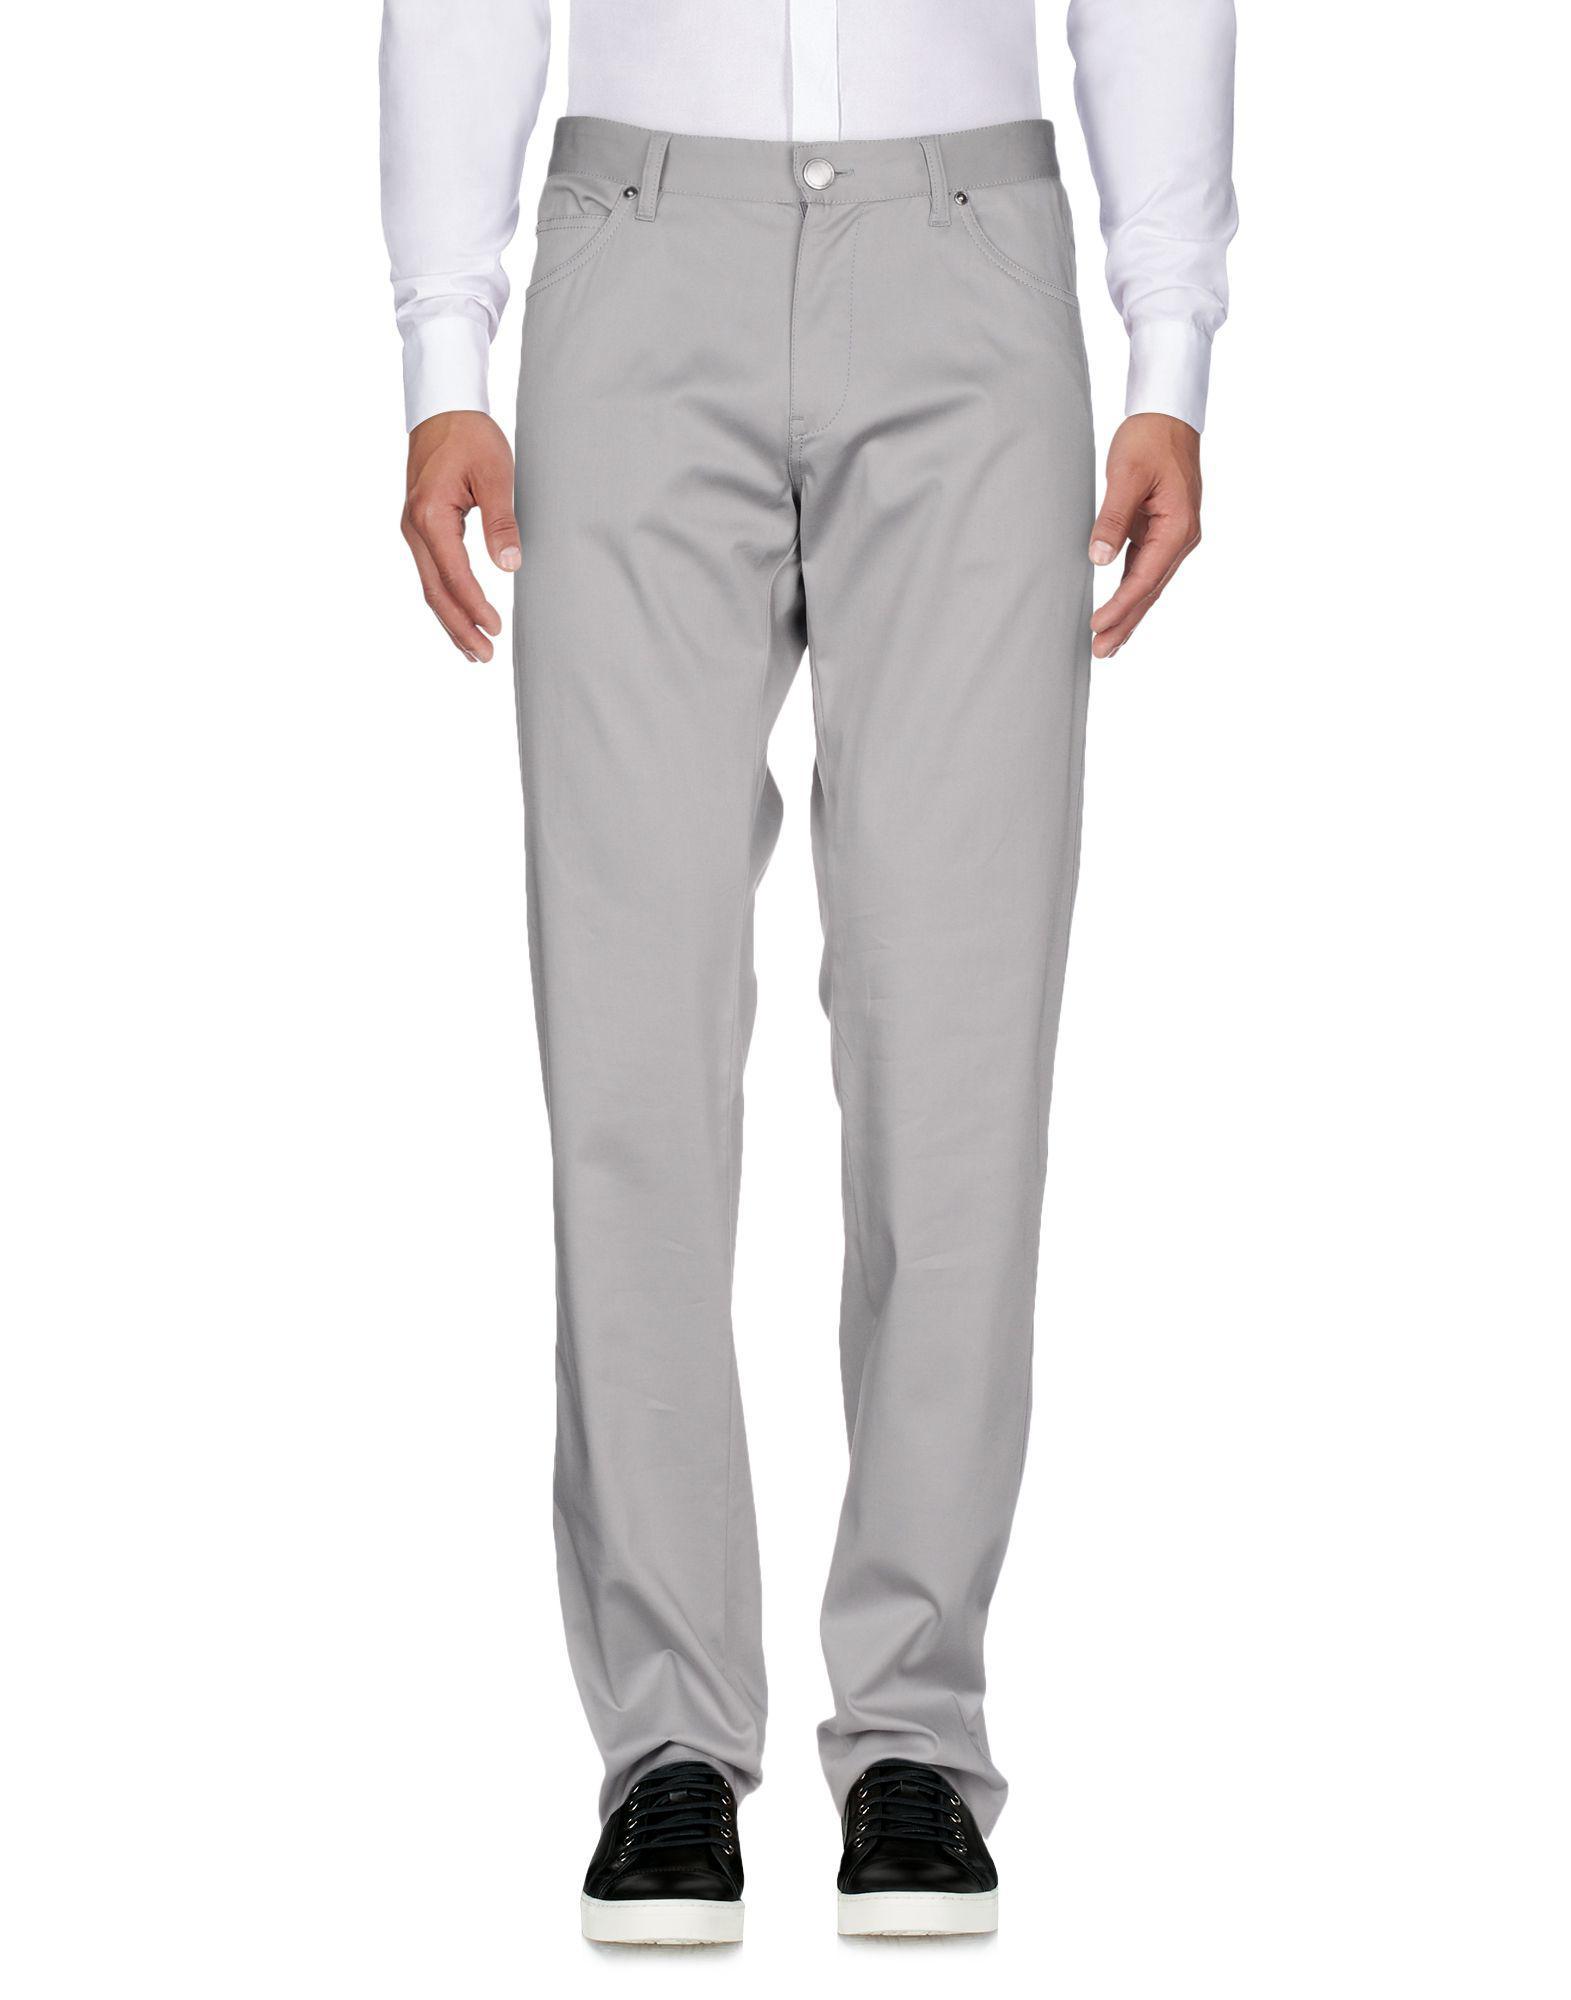 Lyst - Pantalon Versace pour homme en coloris Gris 56e375bdbd2